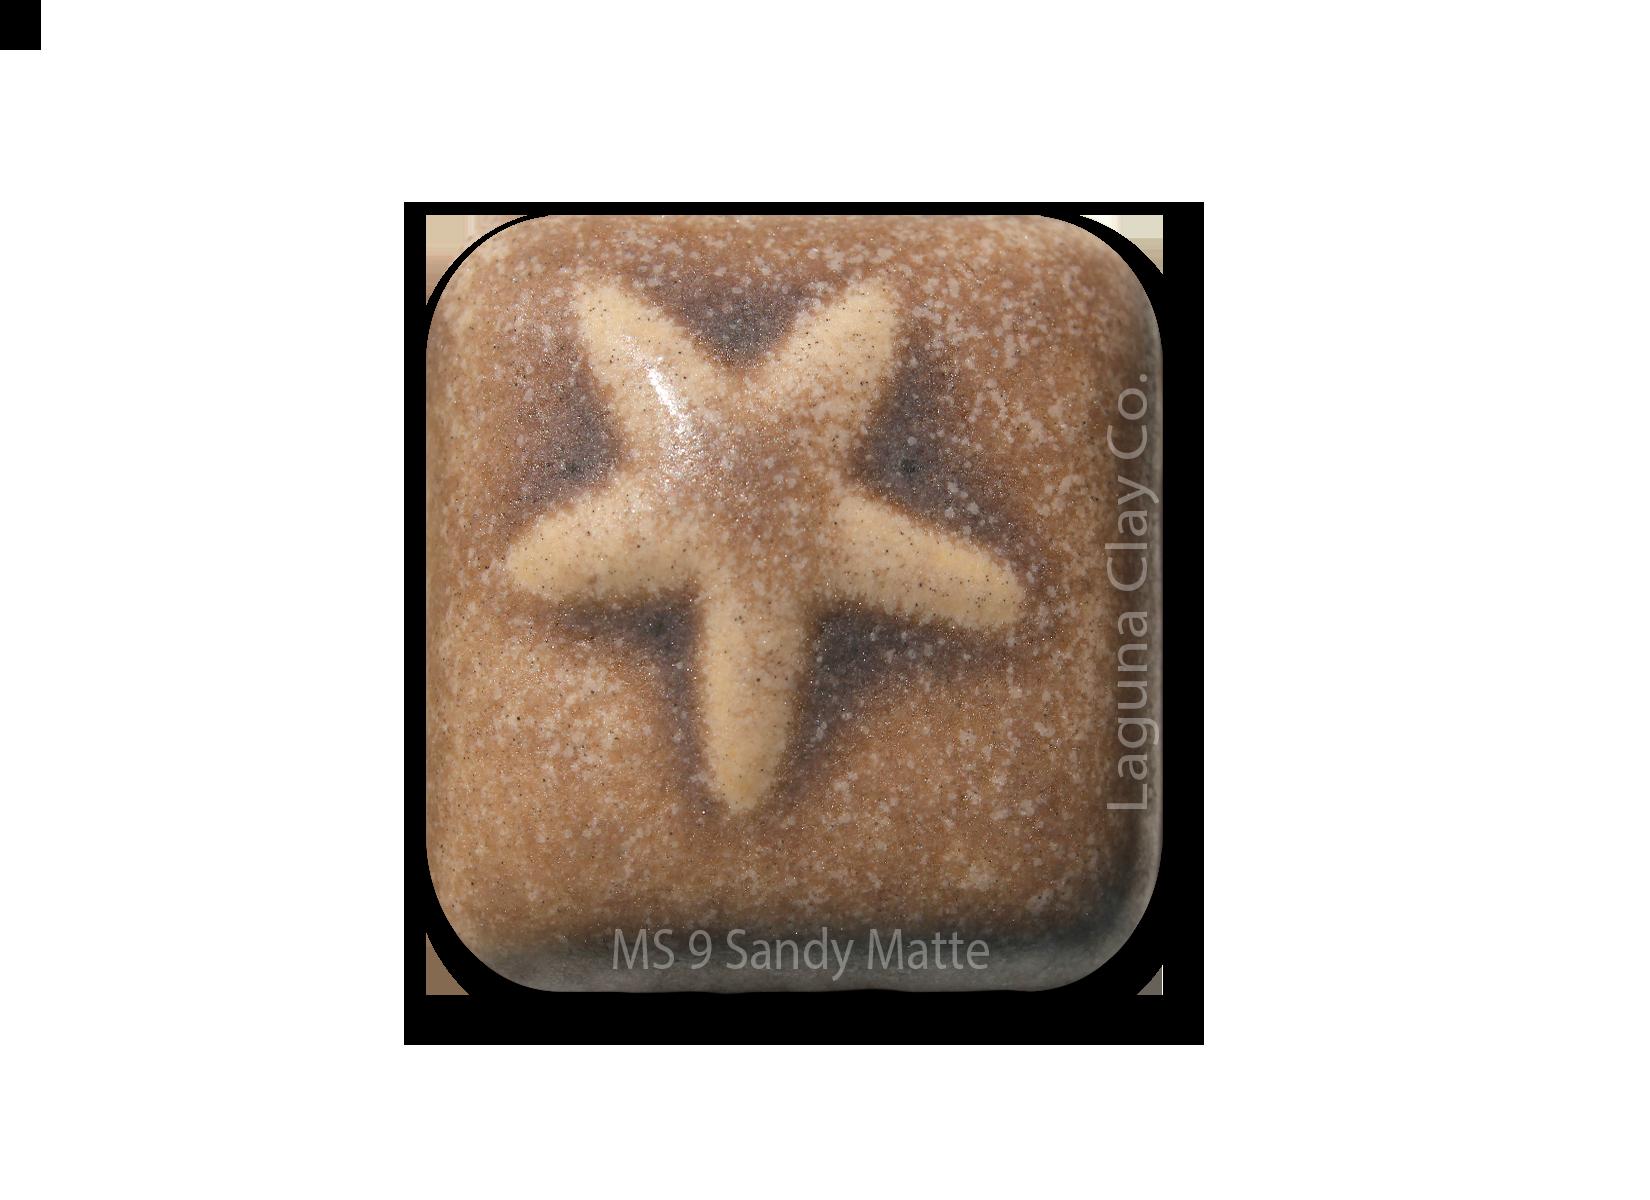 MS-9 Sandy Matte